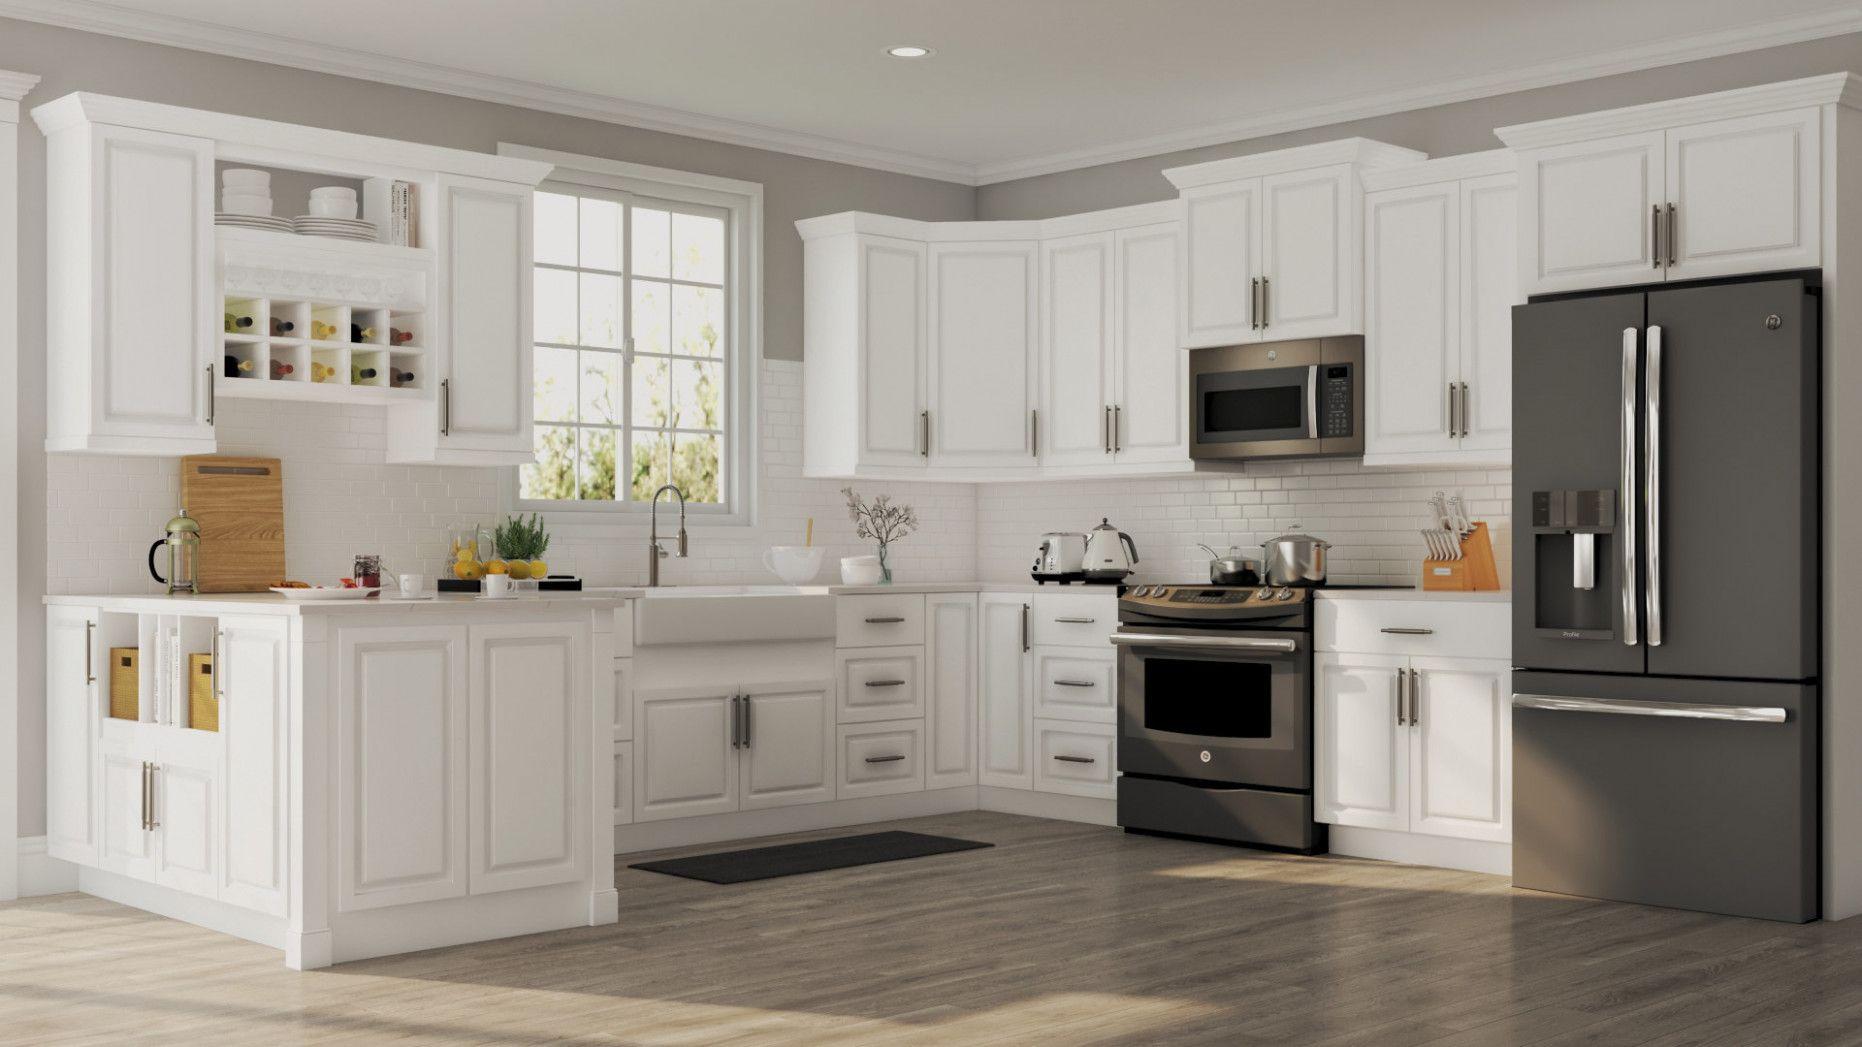 11 Custom Kitchen Cabinet Prices Home Depot Di 2020 Desain